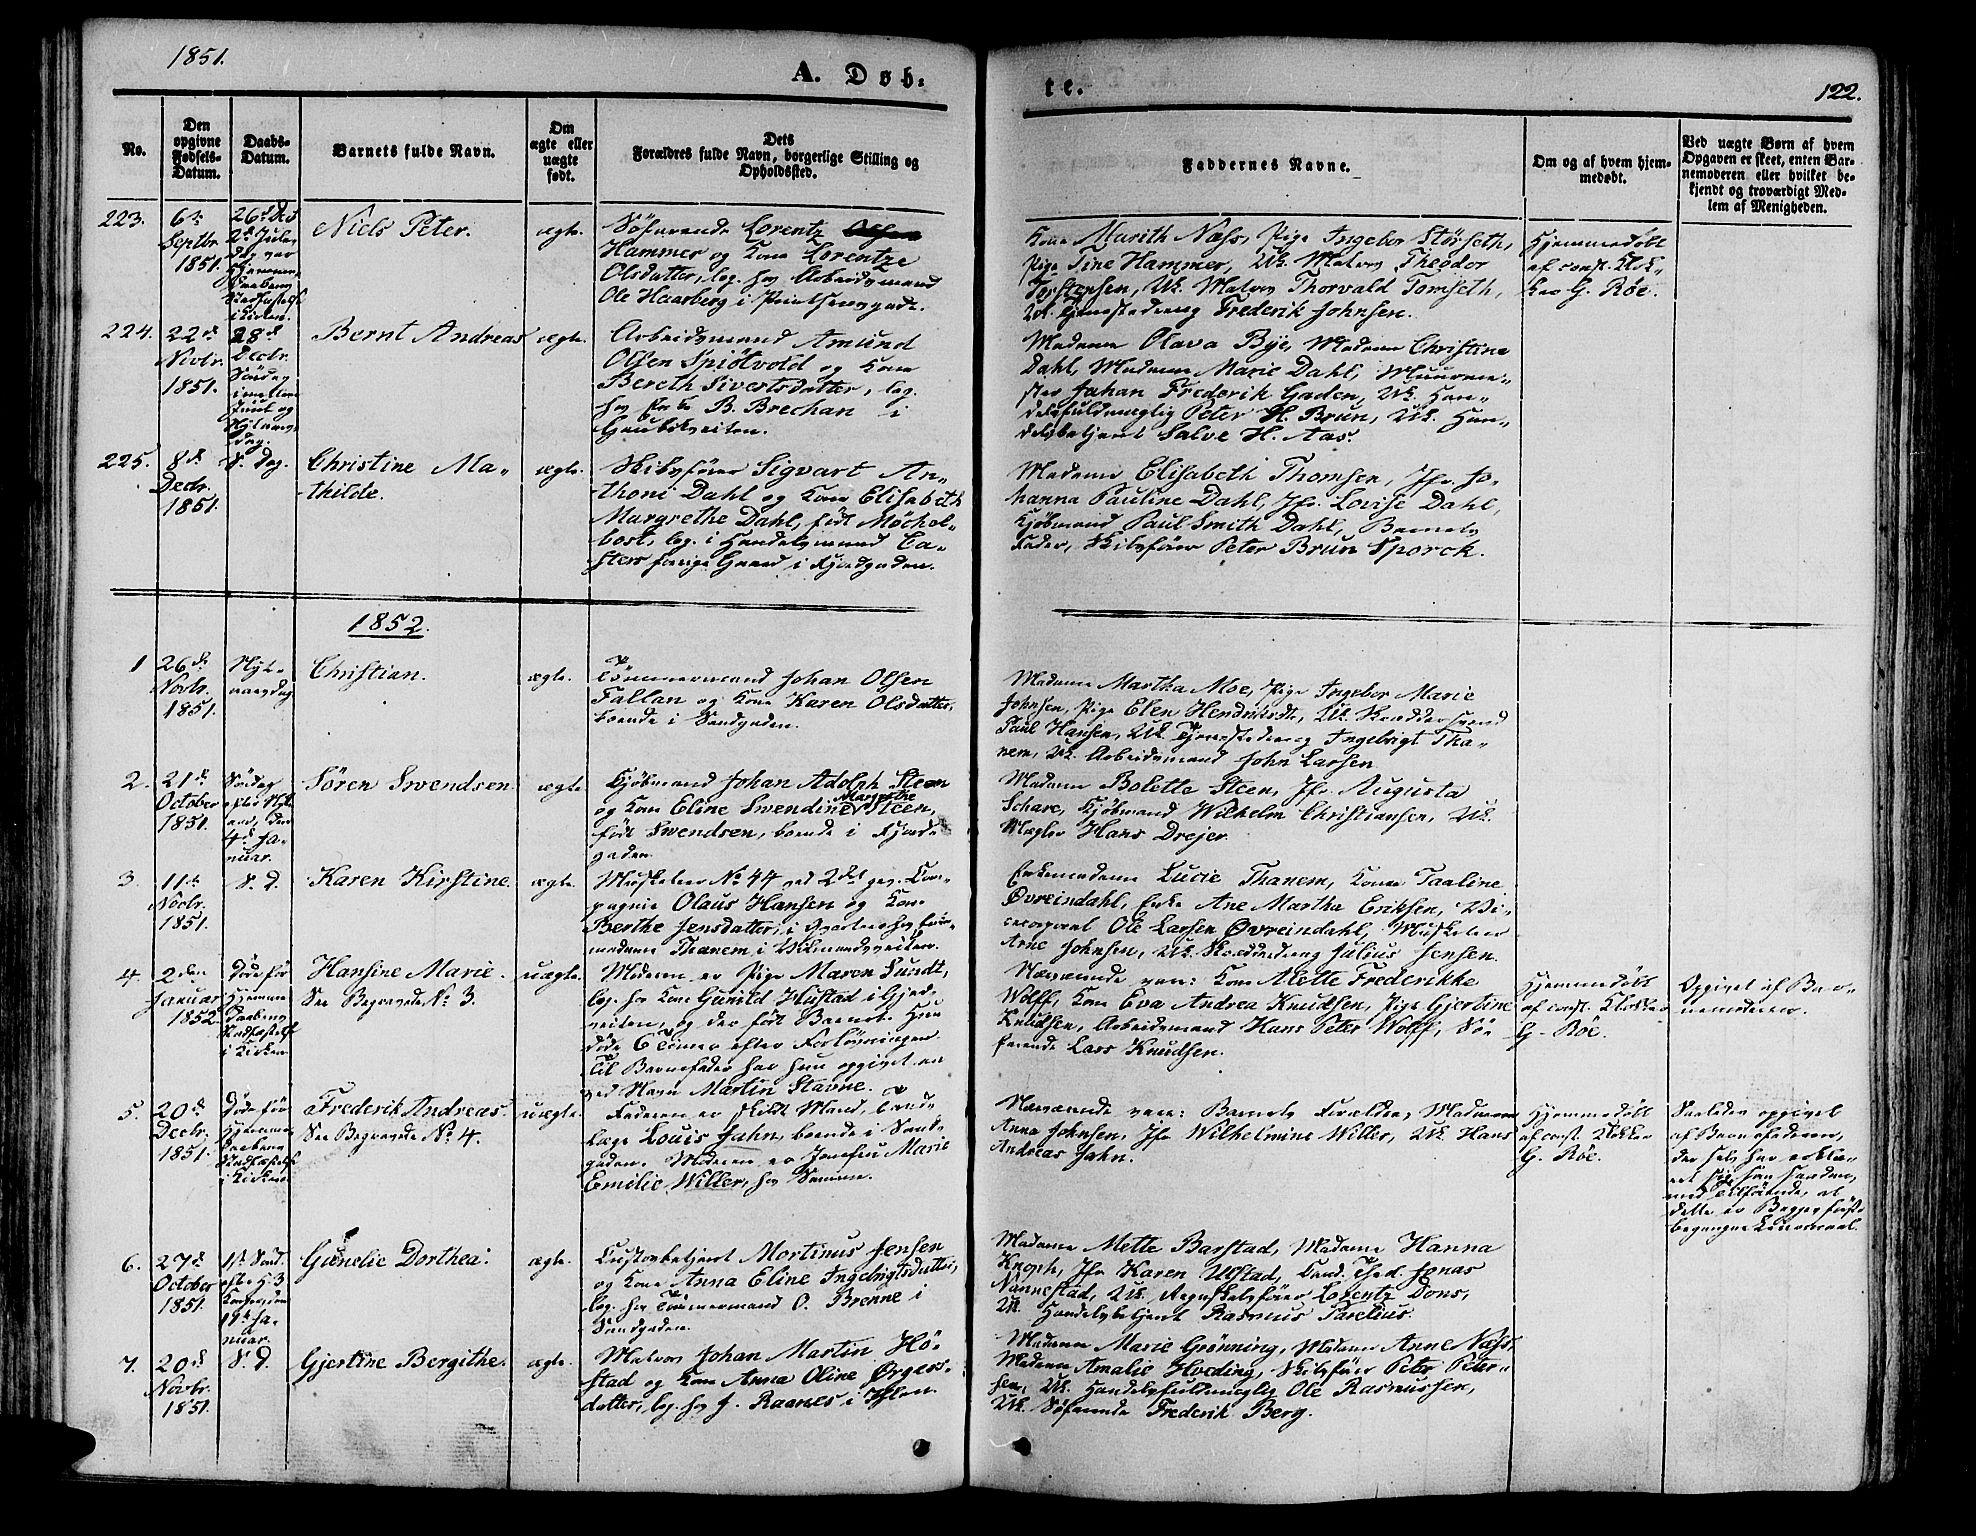 SAT, Ministerialprotokoller, klokkerbøker og fødselsregistre - Sør-Trøndelag, 602/L0137: Klokkerbok nr. 602C05, 1846-1856, s. 122